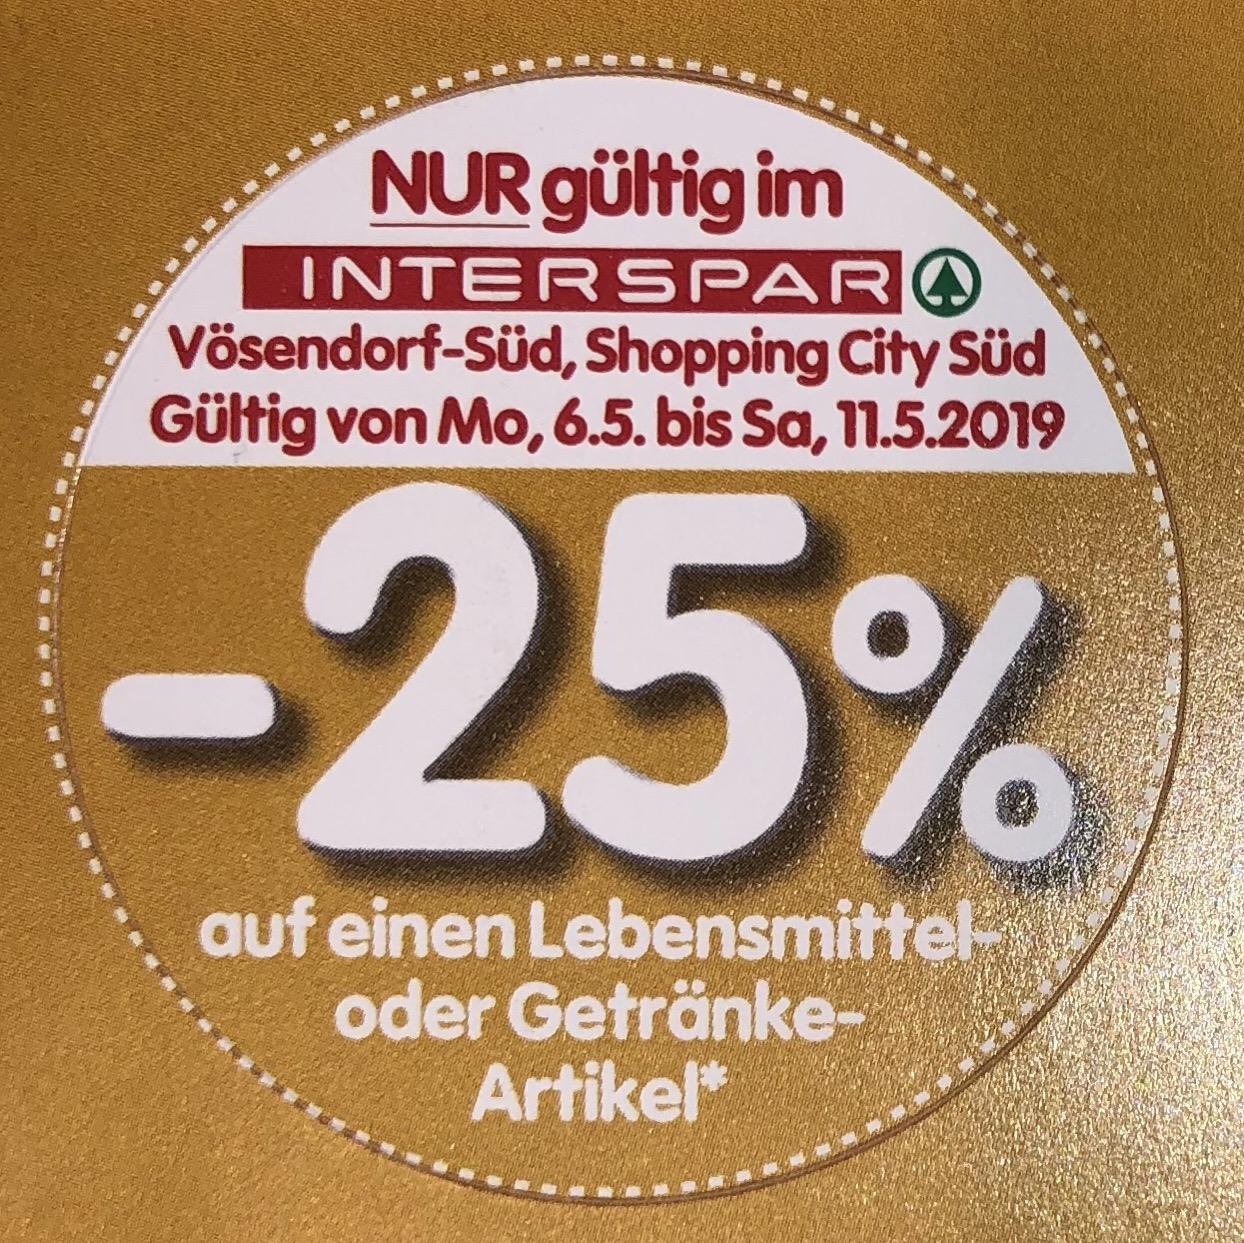 [Interspar SCS Vösendorf] 25% Pickerl für Lebensmittel und Getränke